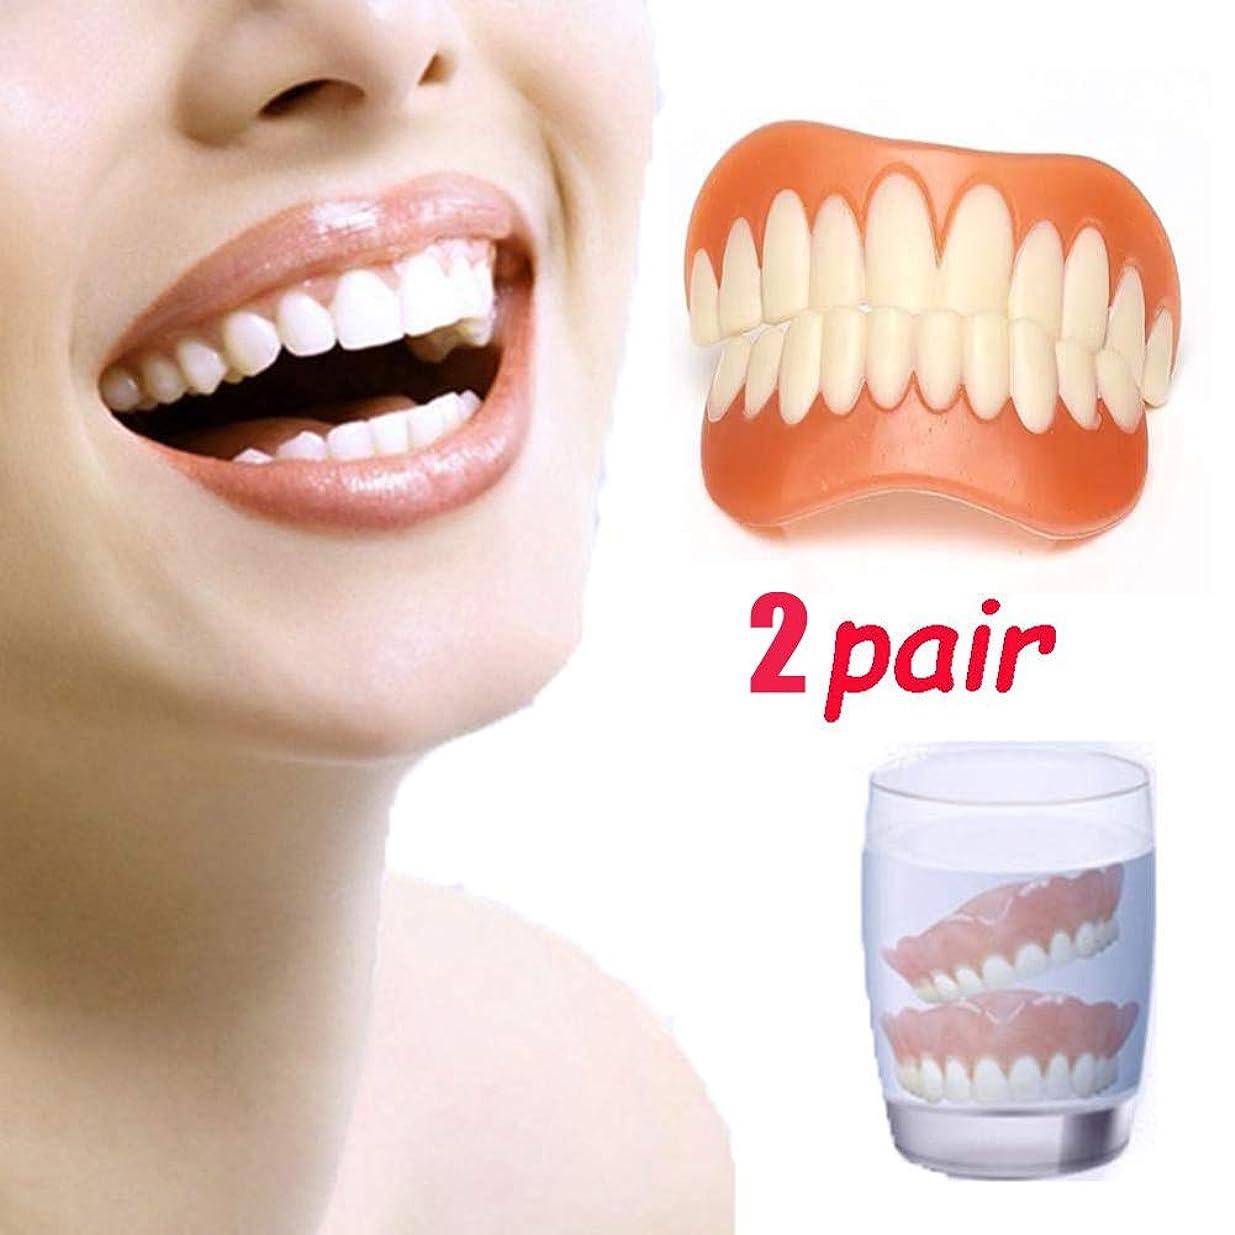 ラベンダー貼り直す考えた2ペアスナップスマイル化粧品の歯再使用可能な快適さの歯の化粧品のステッカーあなたが常に欲しかったことをその笑顔を得る